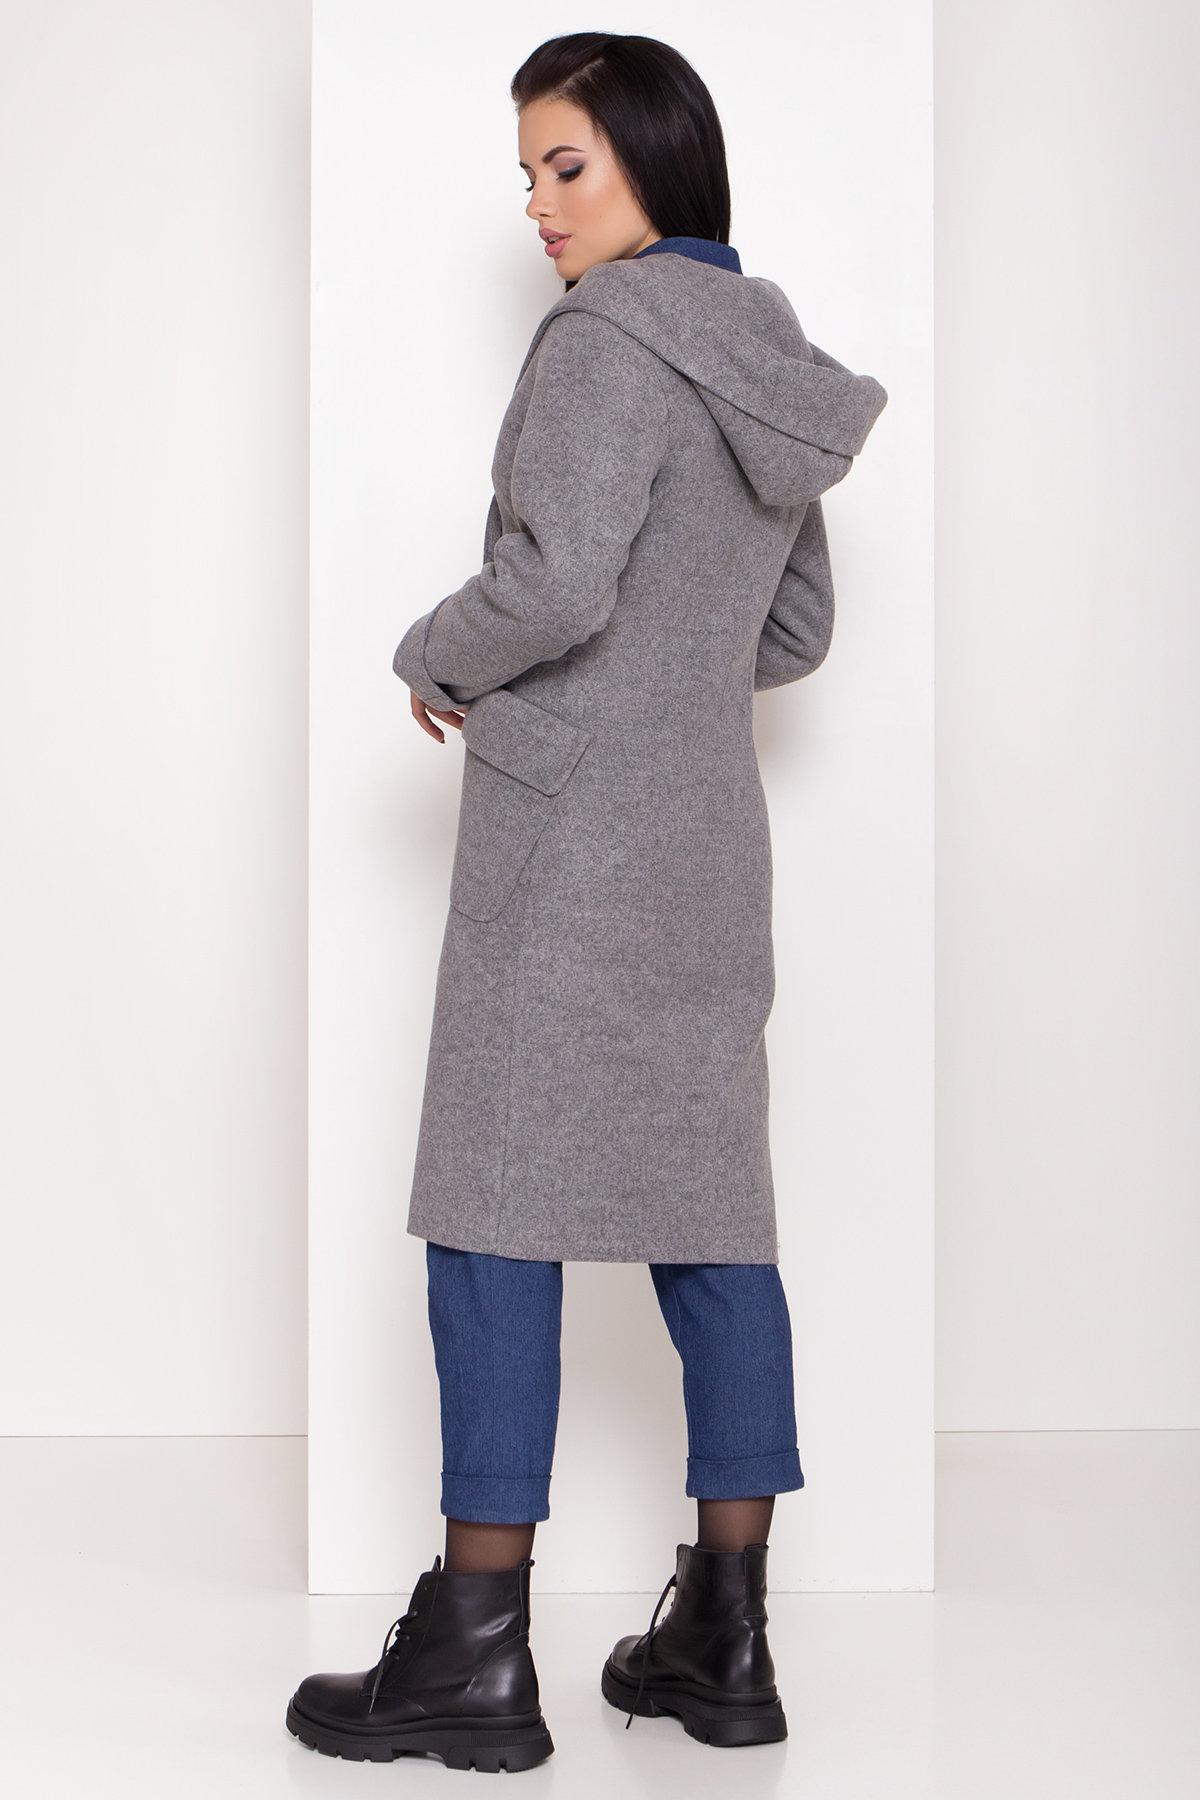 Женское пальто зима с накладными карманами Анджи 8299 АРТ. 44423 Цвет: Серый меланж - фото 3, интернет магазин tm-modus.ru